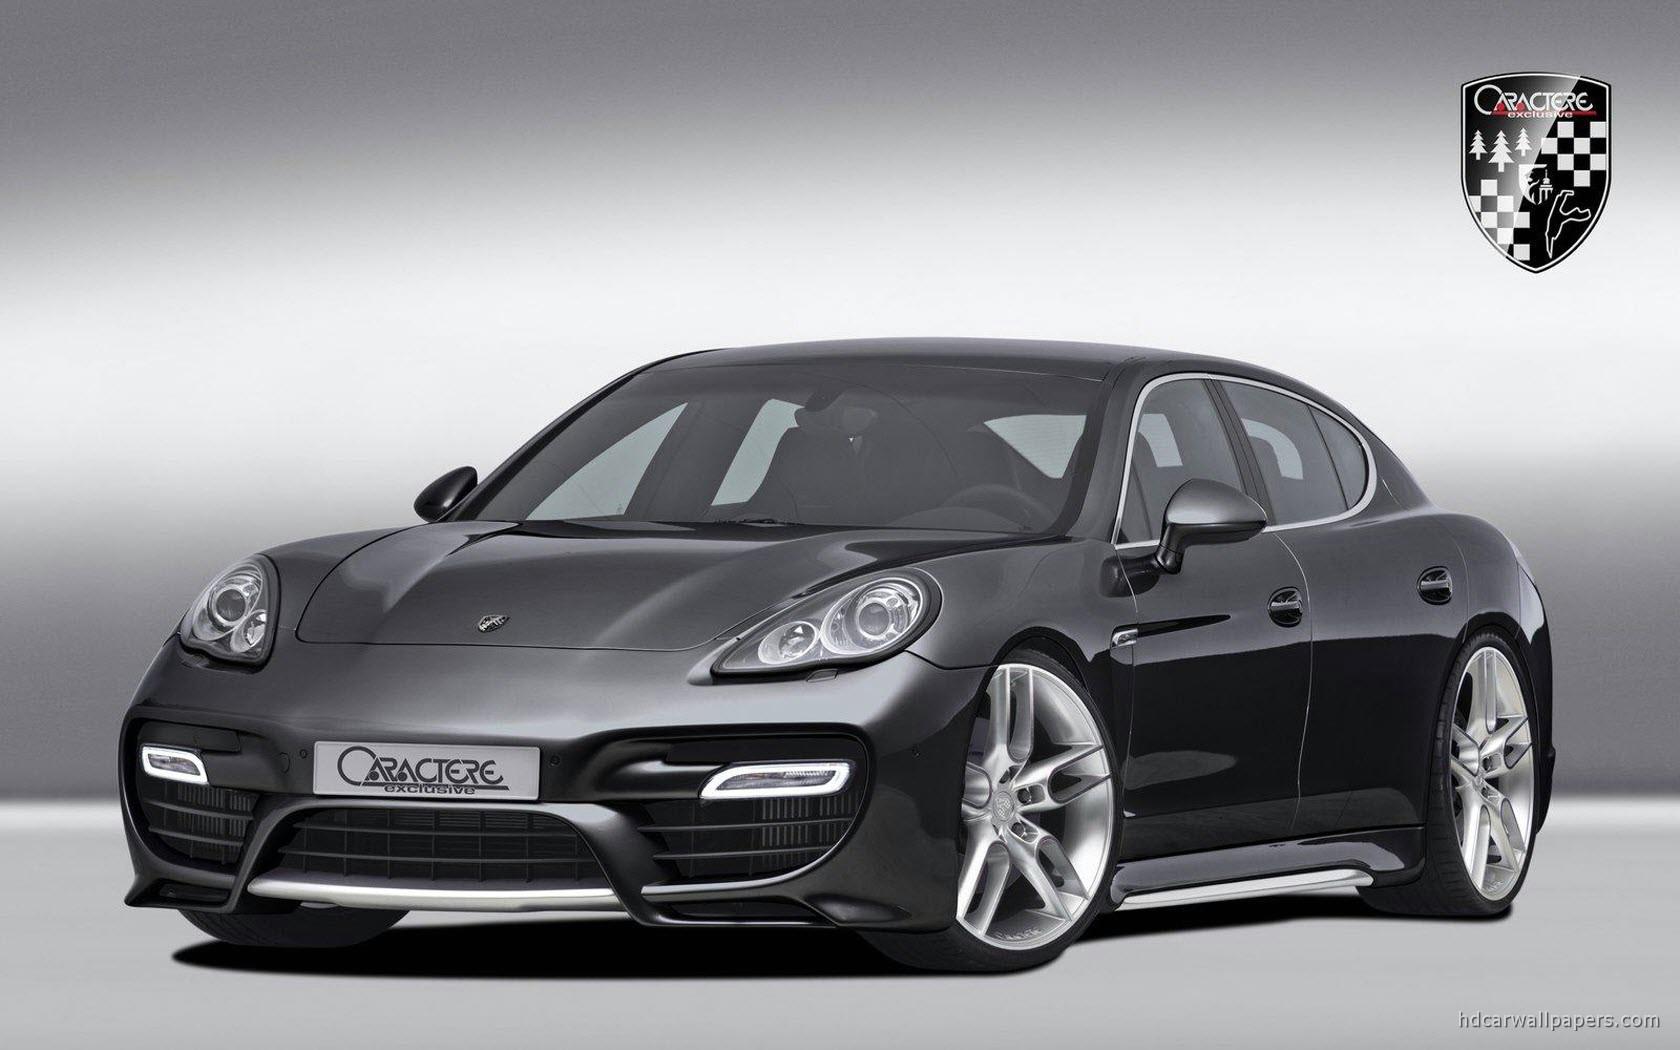 Caractere Porsche Panamera HD 177394 HD Wallpaper Res 1680x1050 1680x1050